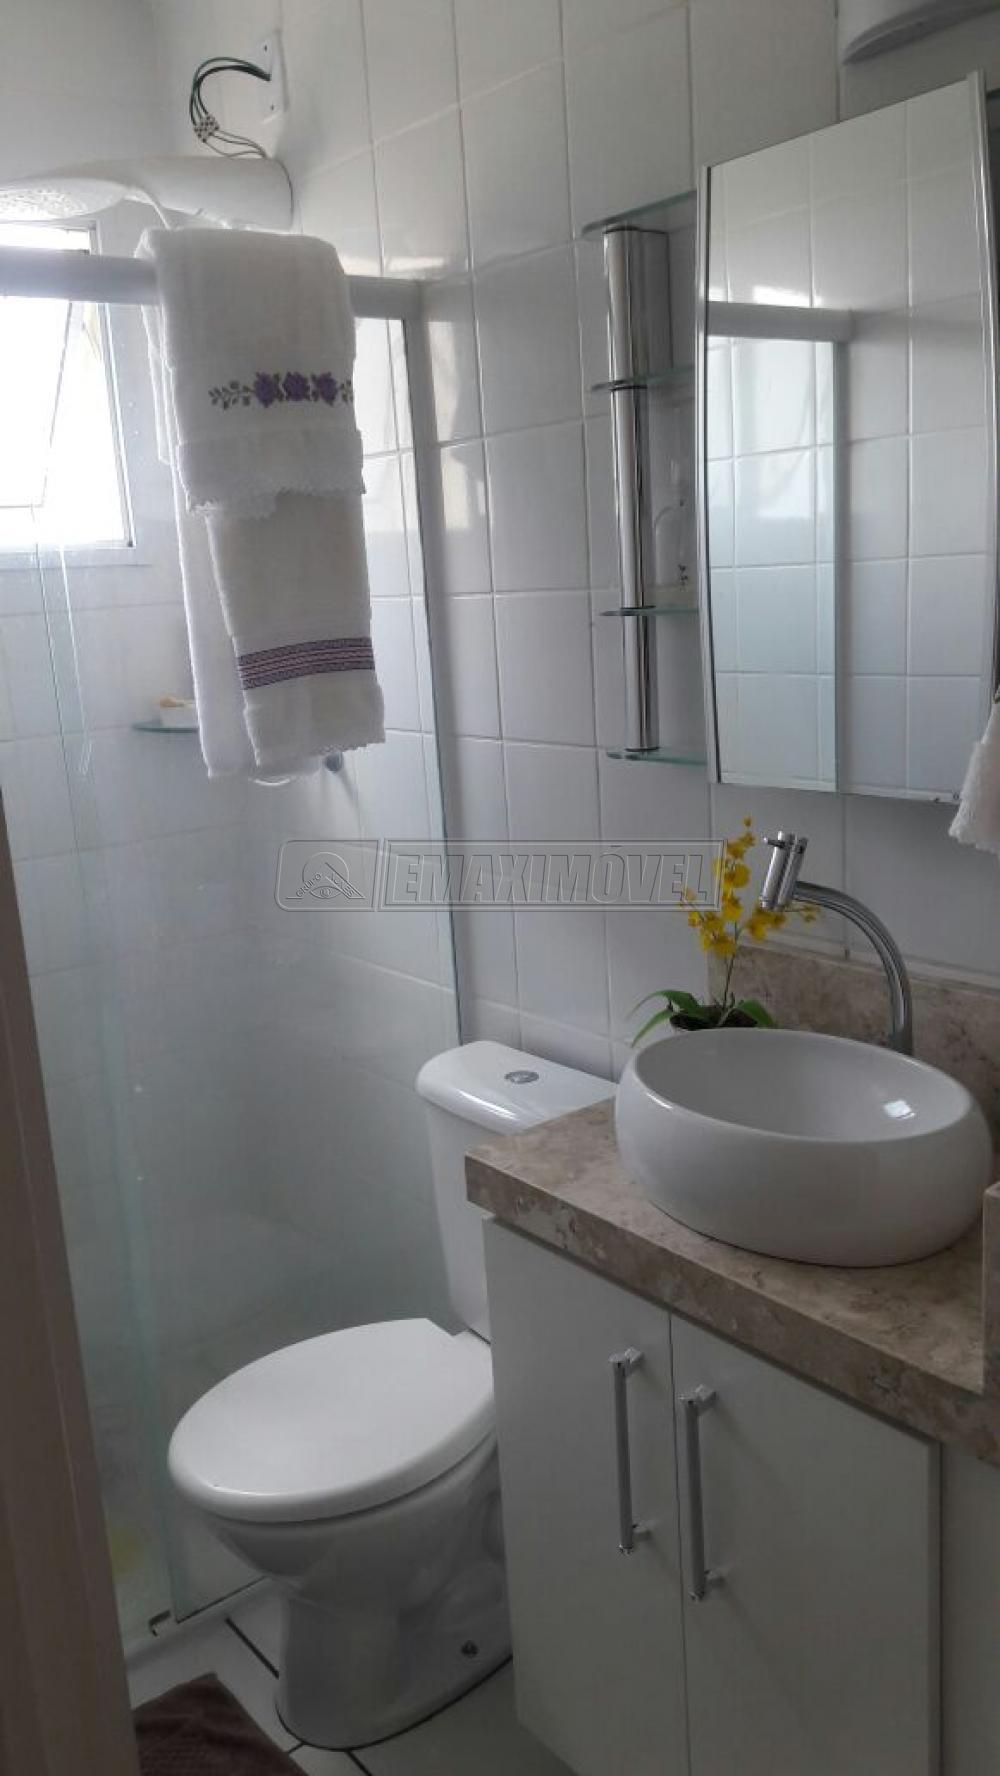 Comprar Apartamentos / Apto Padrão em Sorocaba apenas R$ 200.000,00 - Foto 8